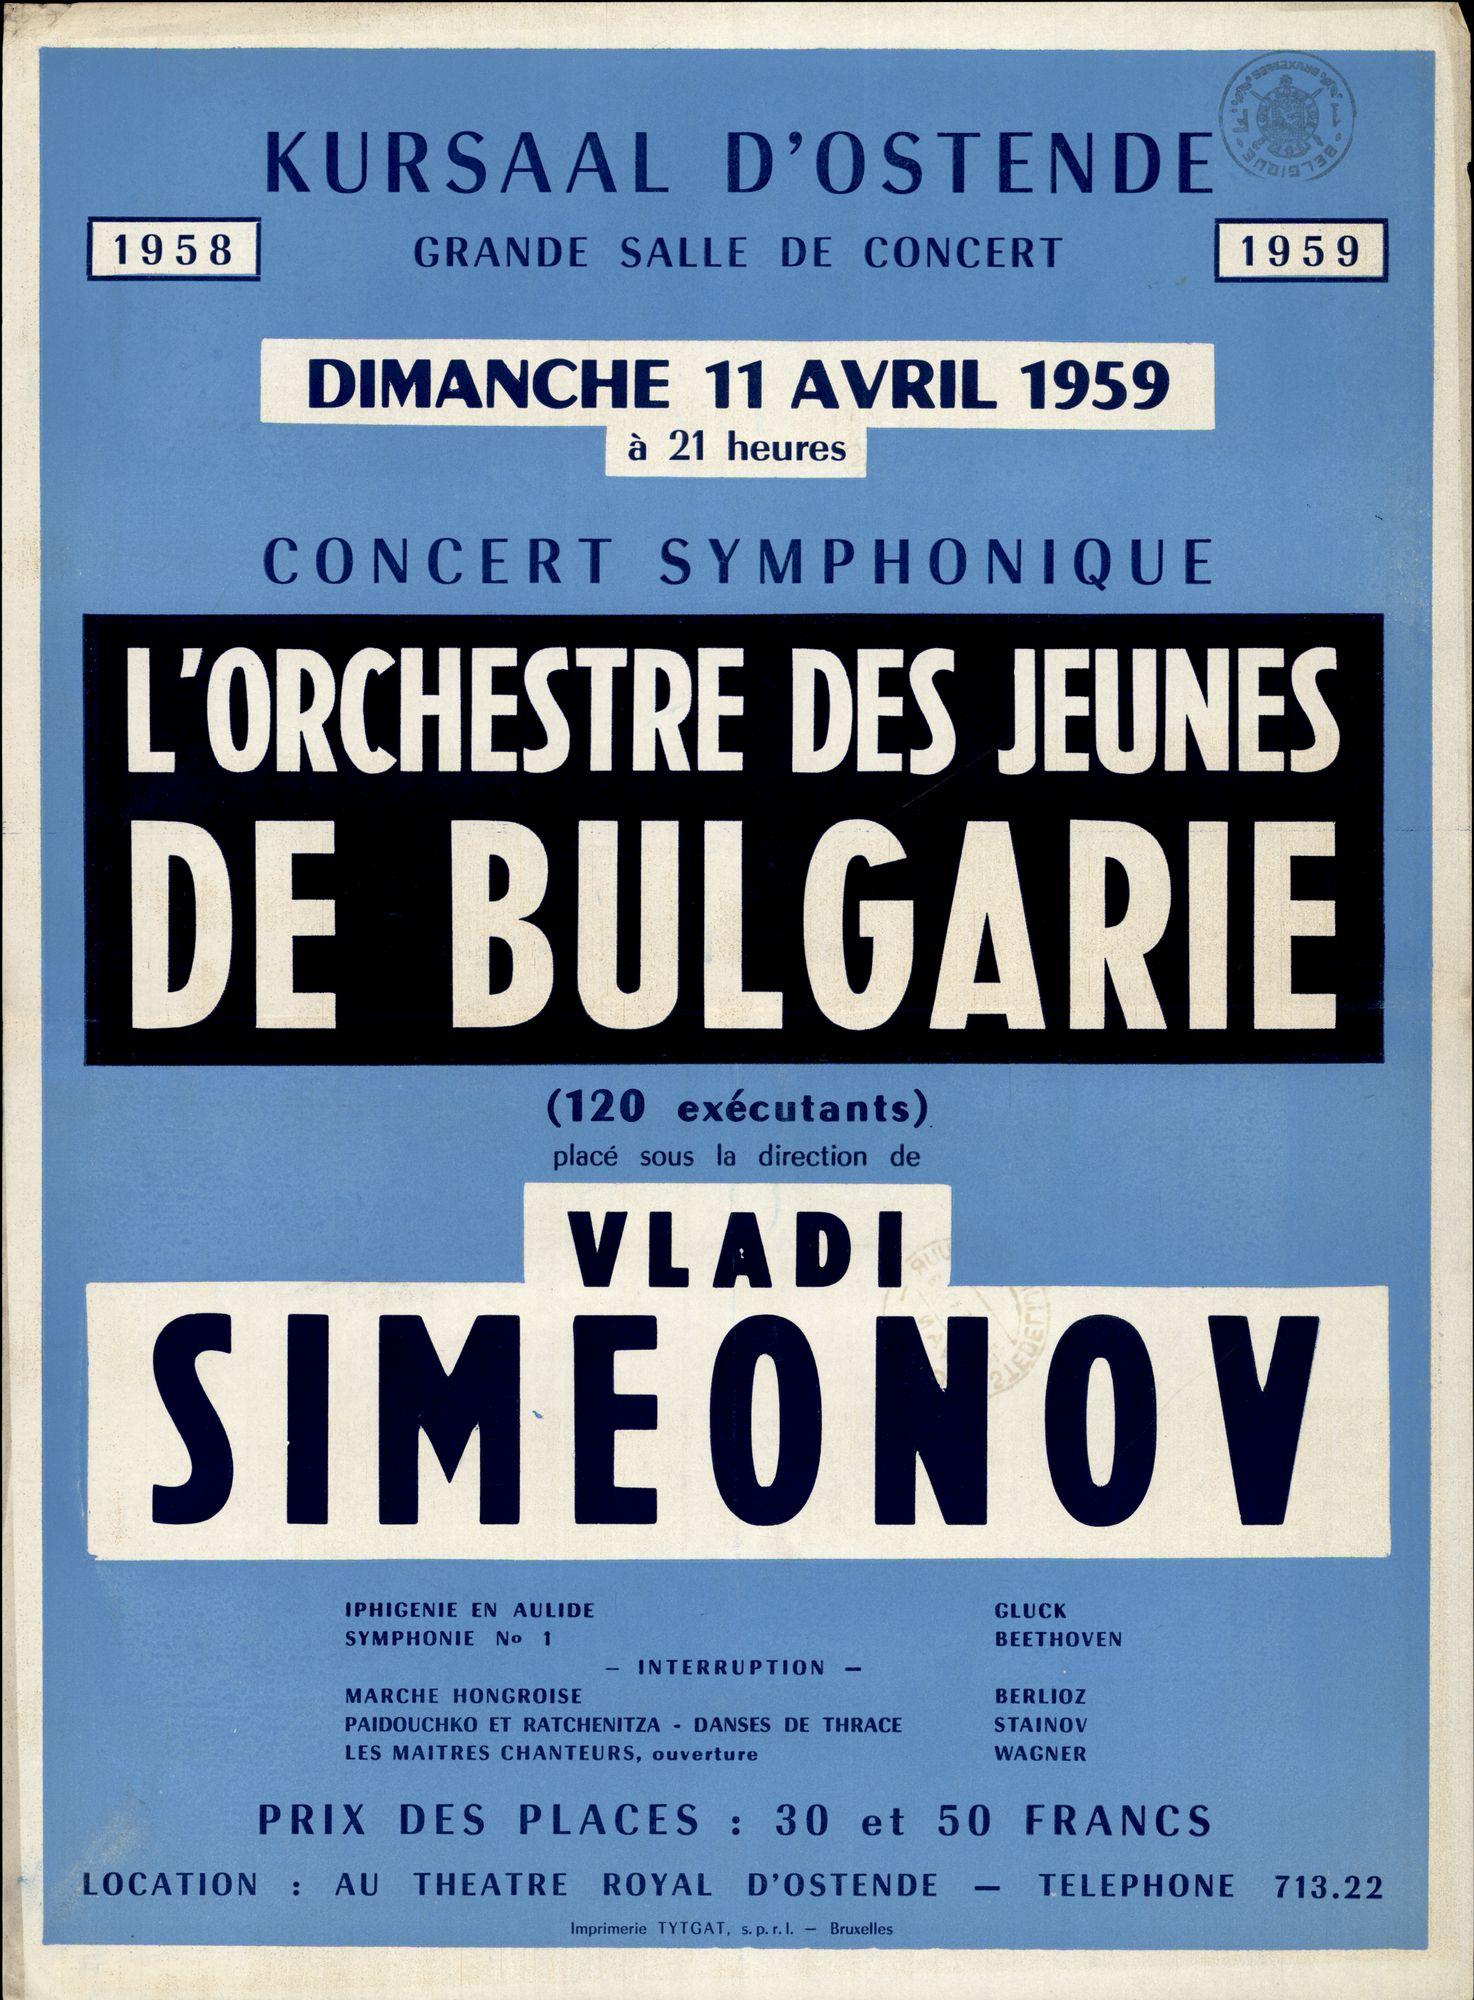 L'orchestre des Jeunes de Bulgarie, Vladi Simeonov, Concert Symphonique, Dimanche 11 avril 1959 à 21 heure, Kursaal d'Ostende 1958 / 1959